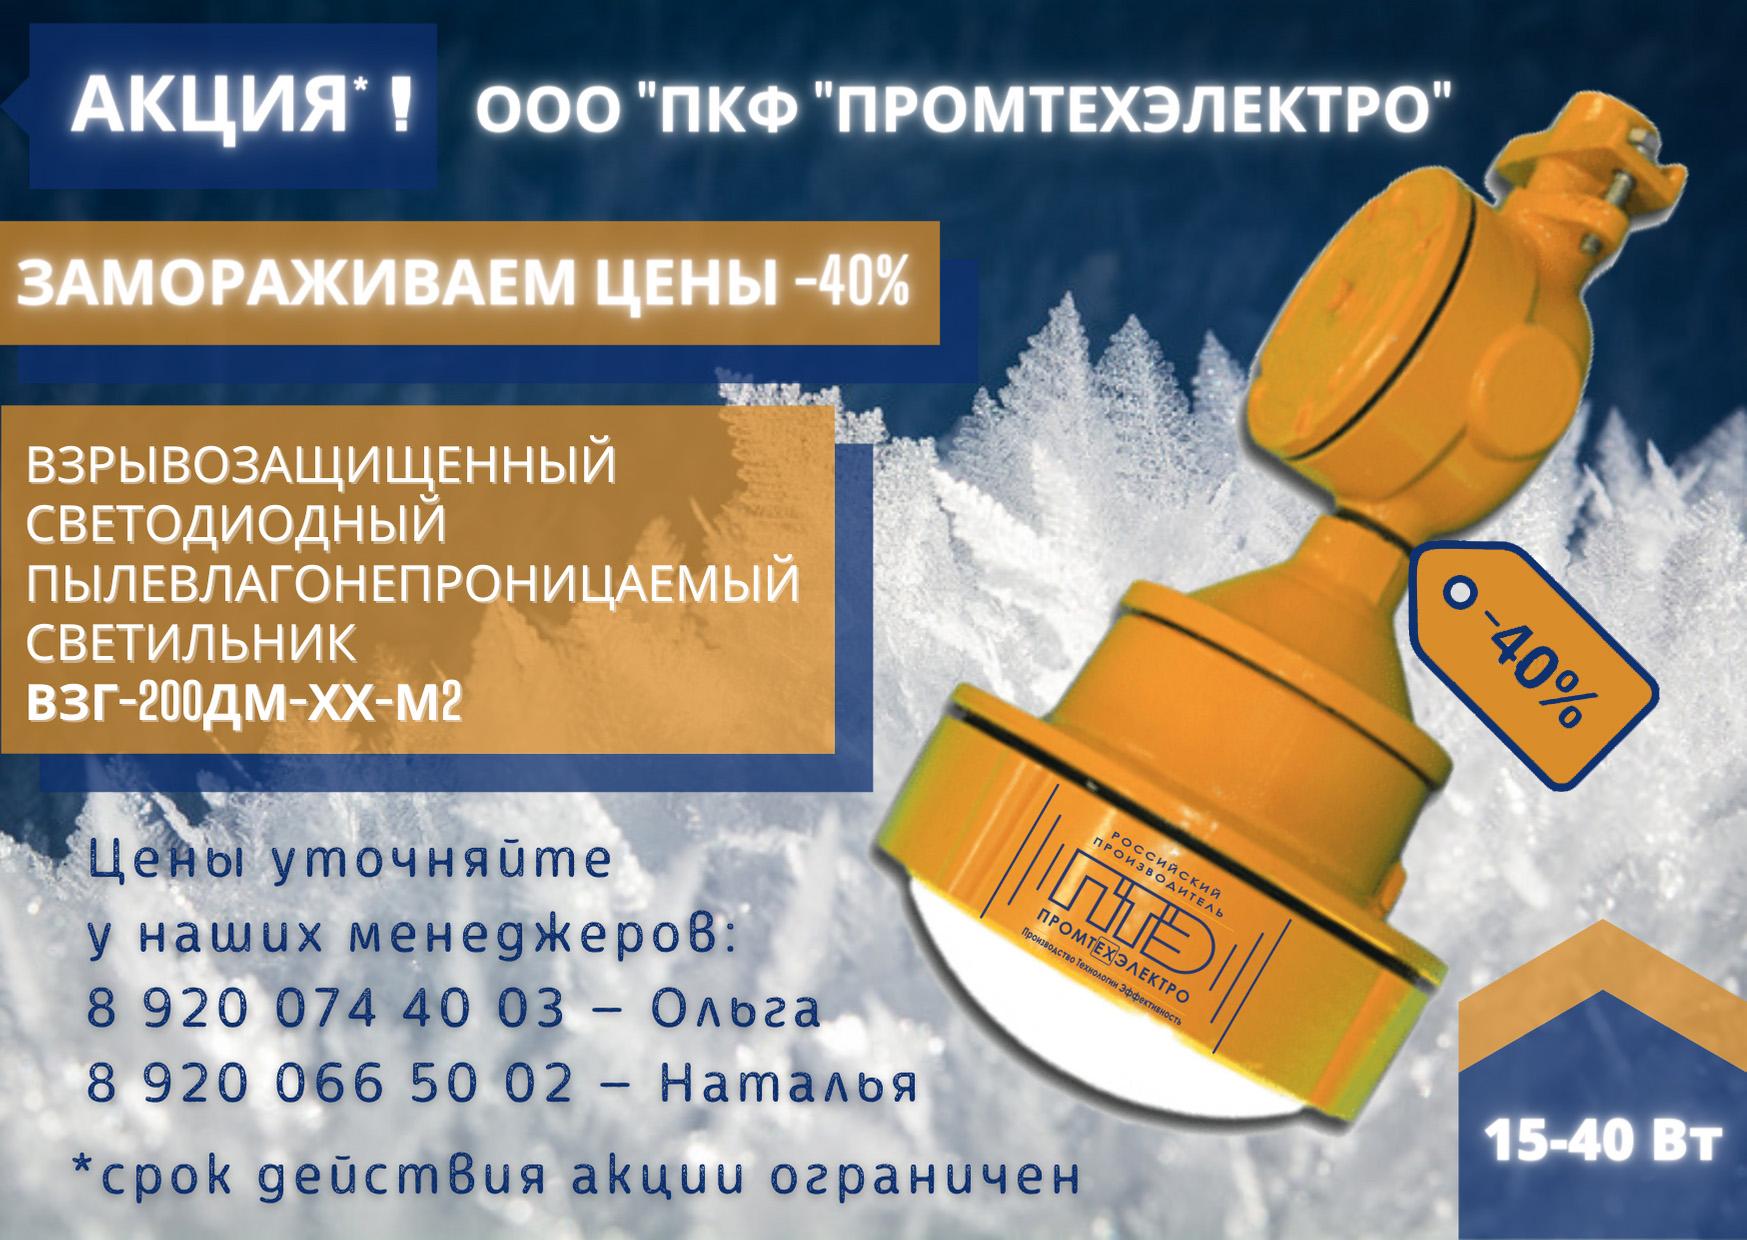 Скидка -40% на взрывозащищенный светильник ВЗГ-200ДМ-ХХ-М